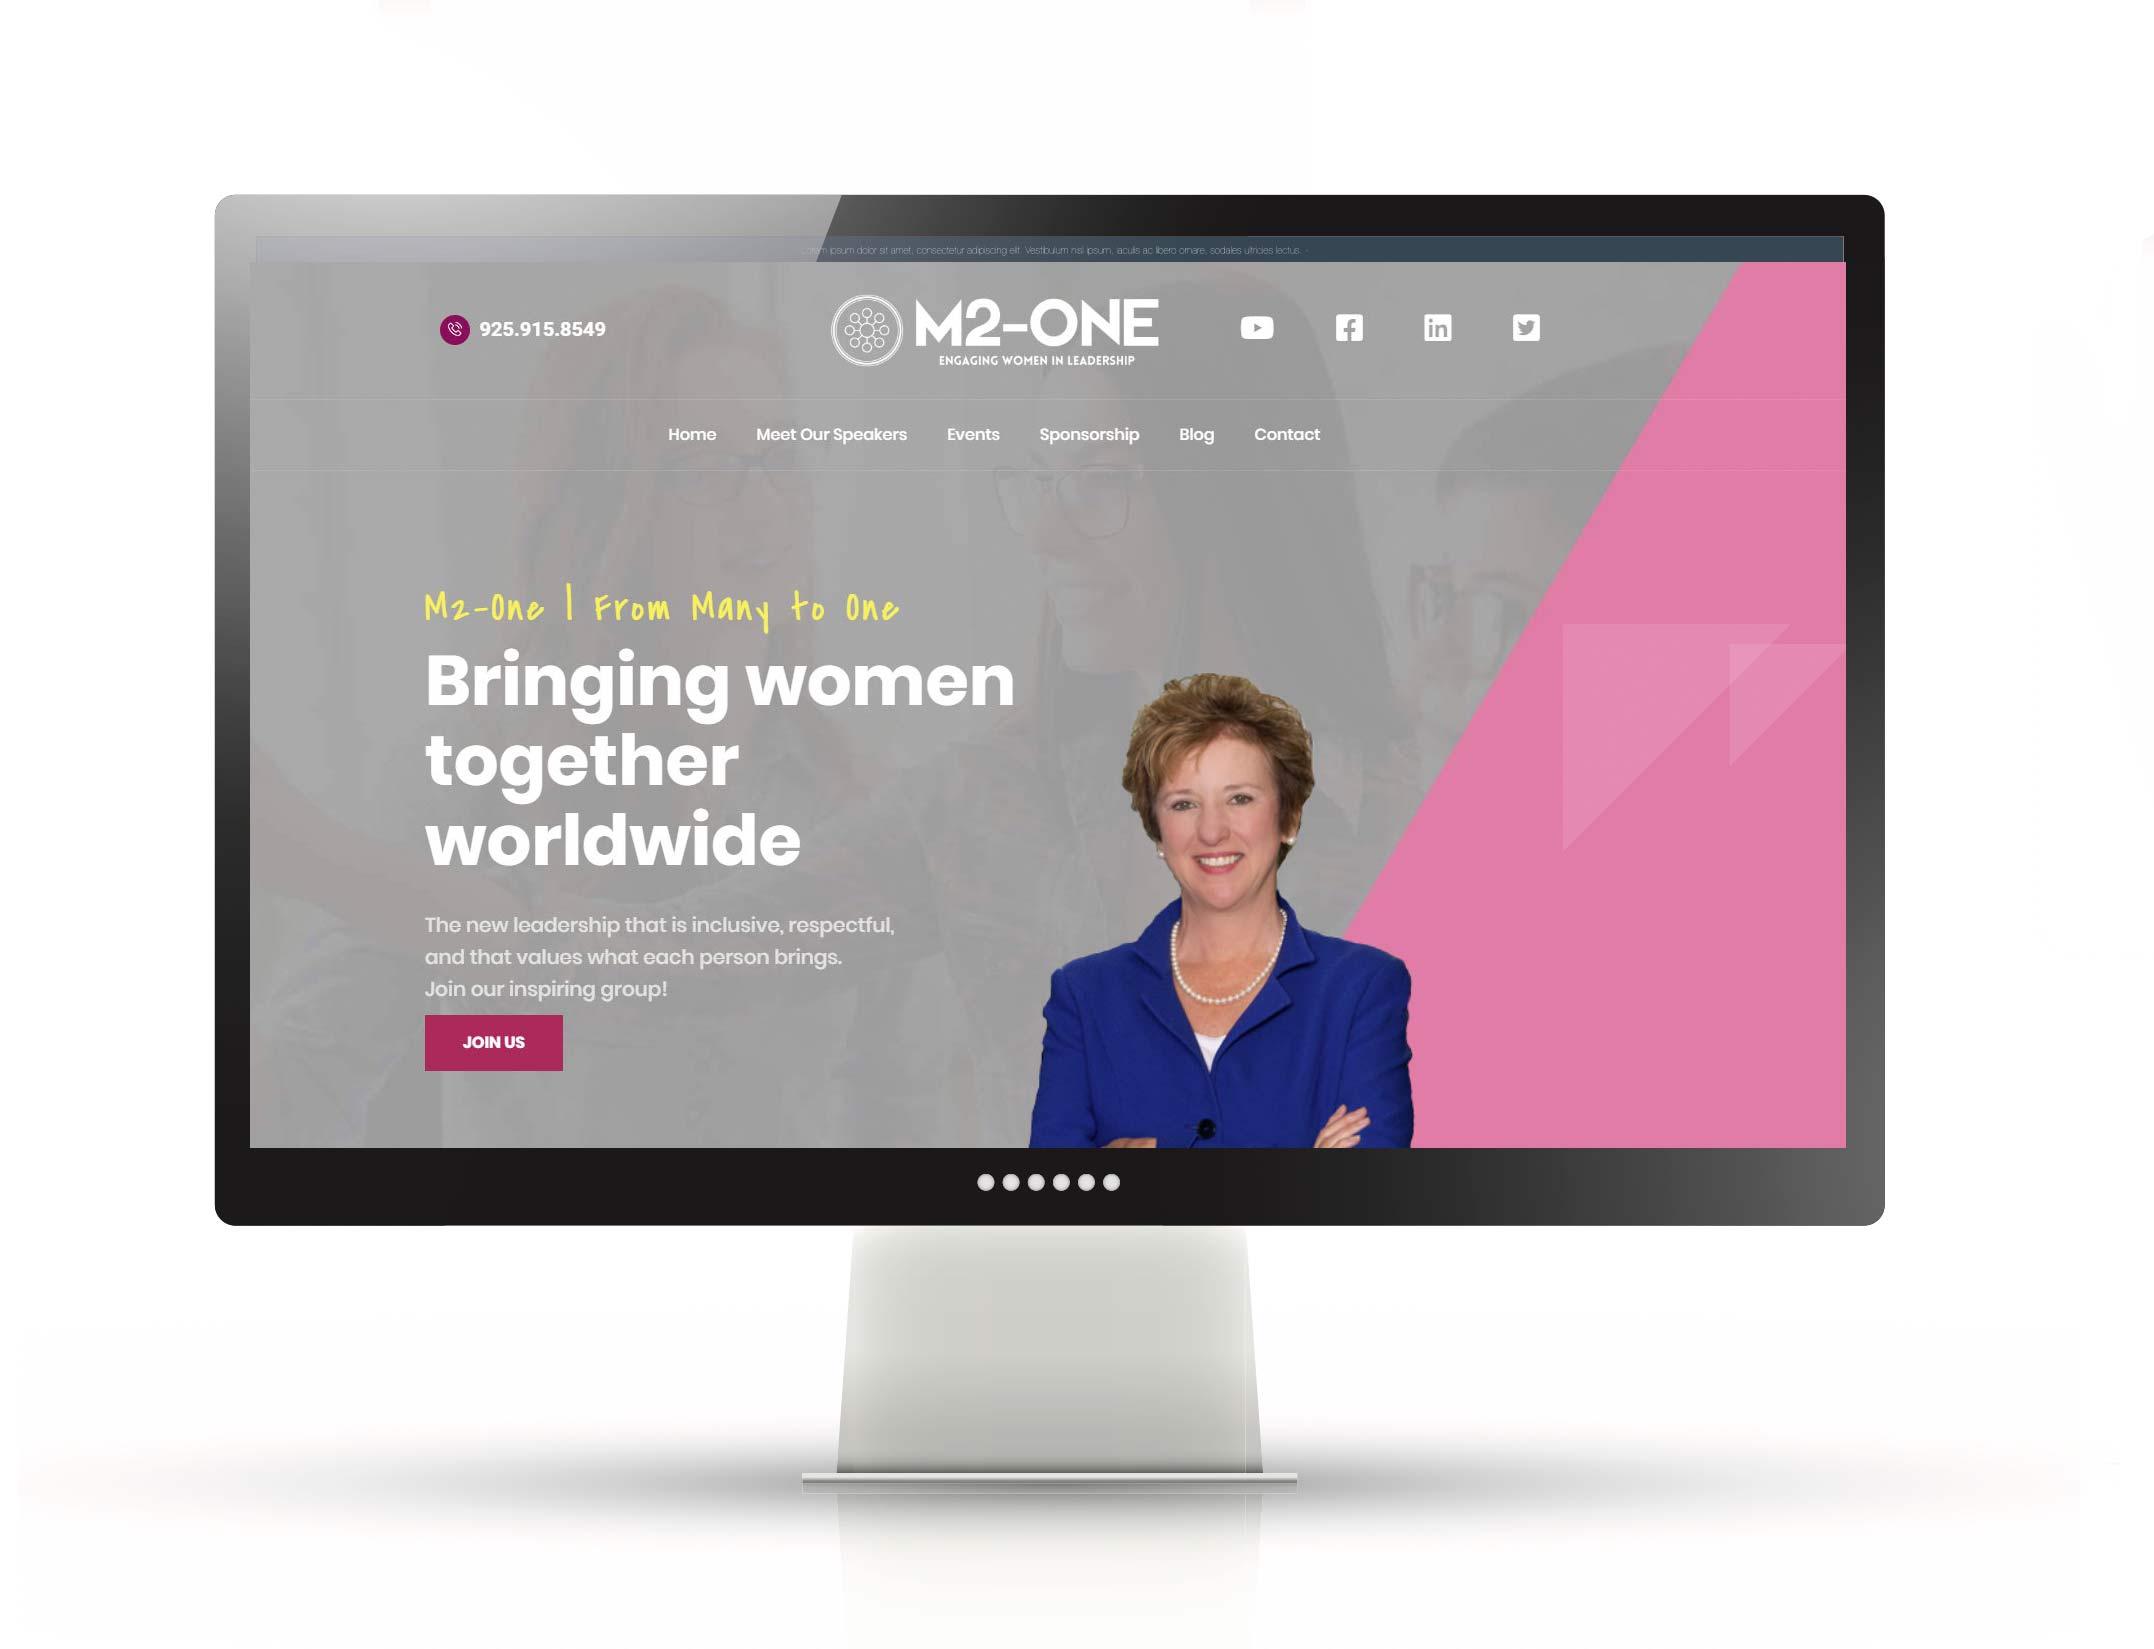 Full Custom Website Design – M2-One